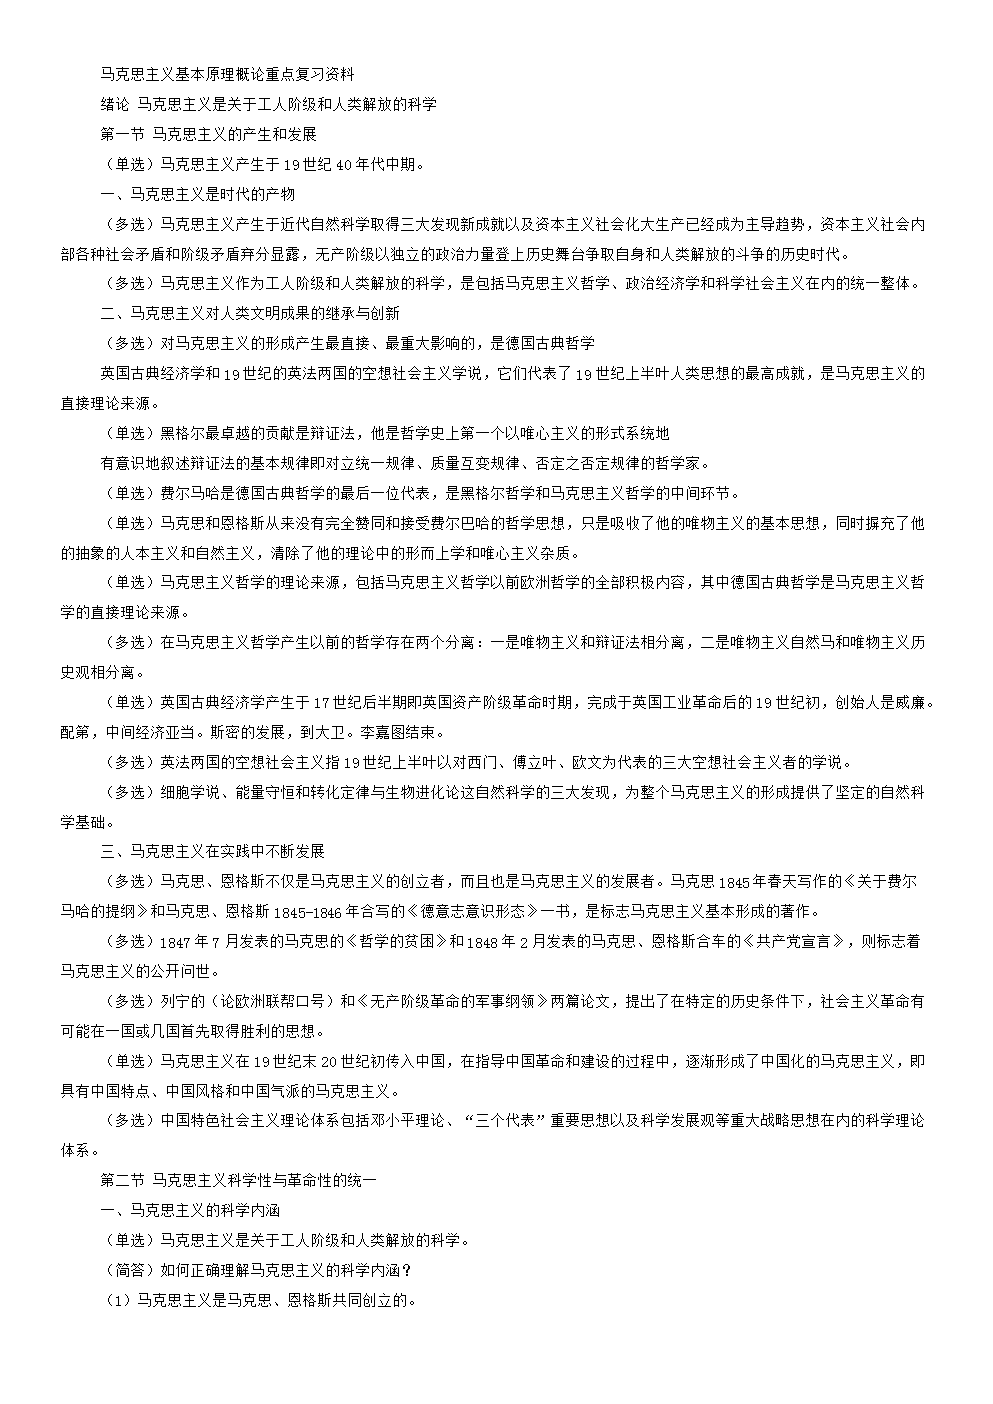 马克思主义基本原理概论重点复习资料整理总结.docx